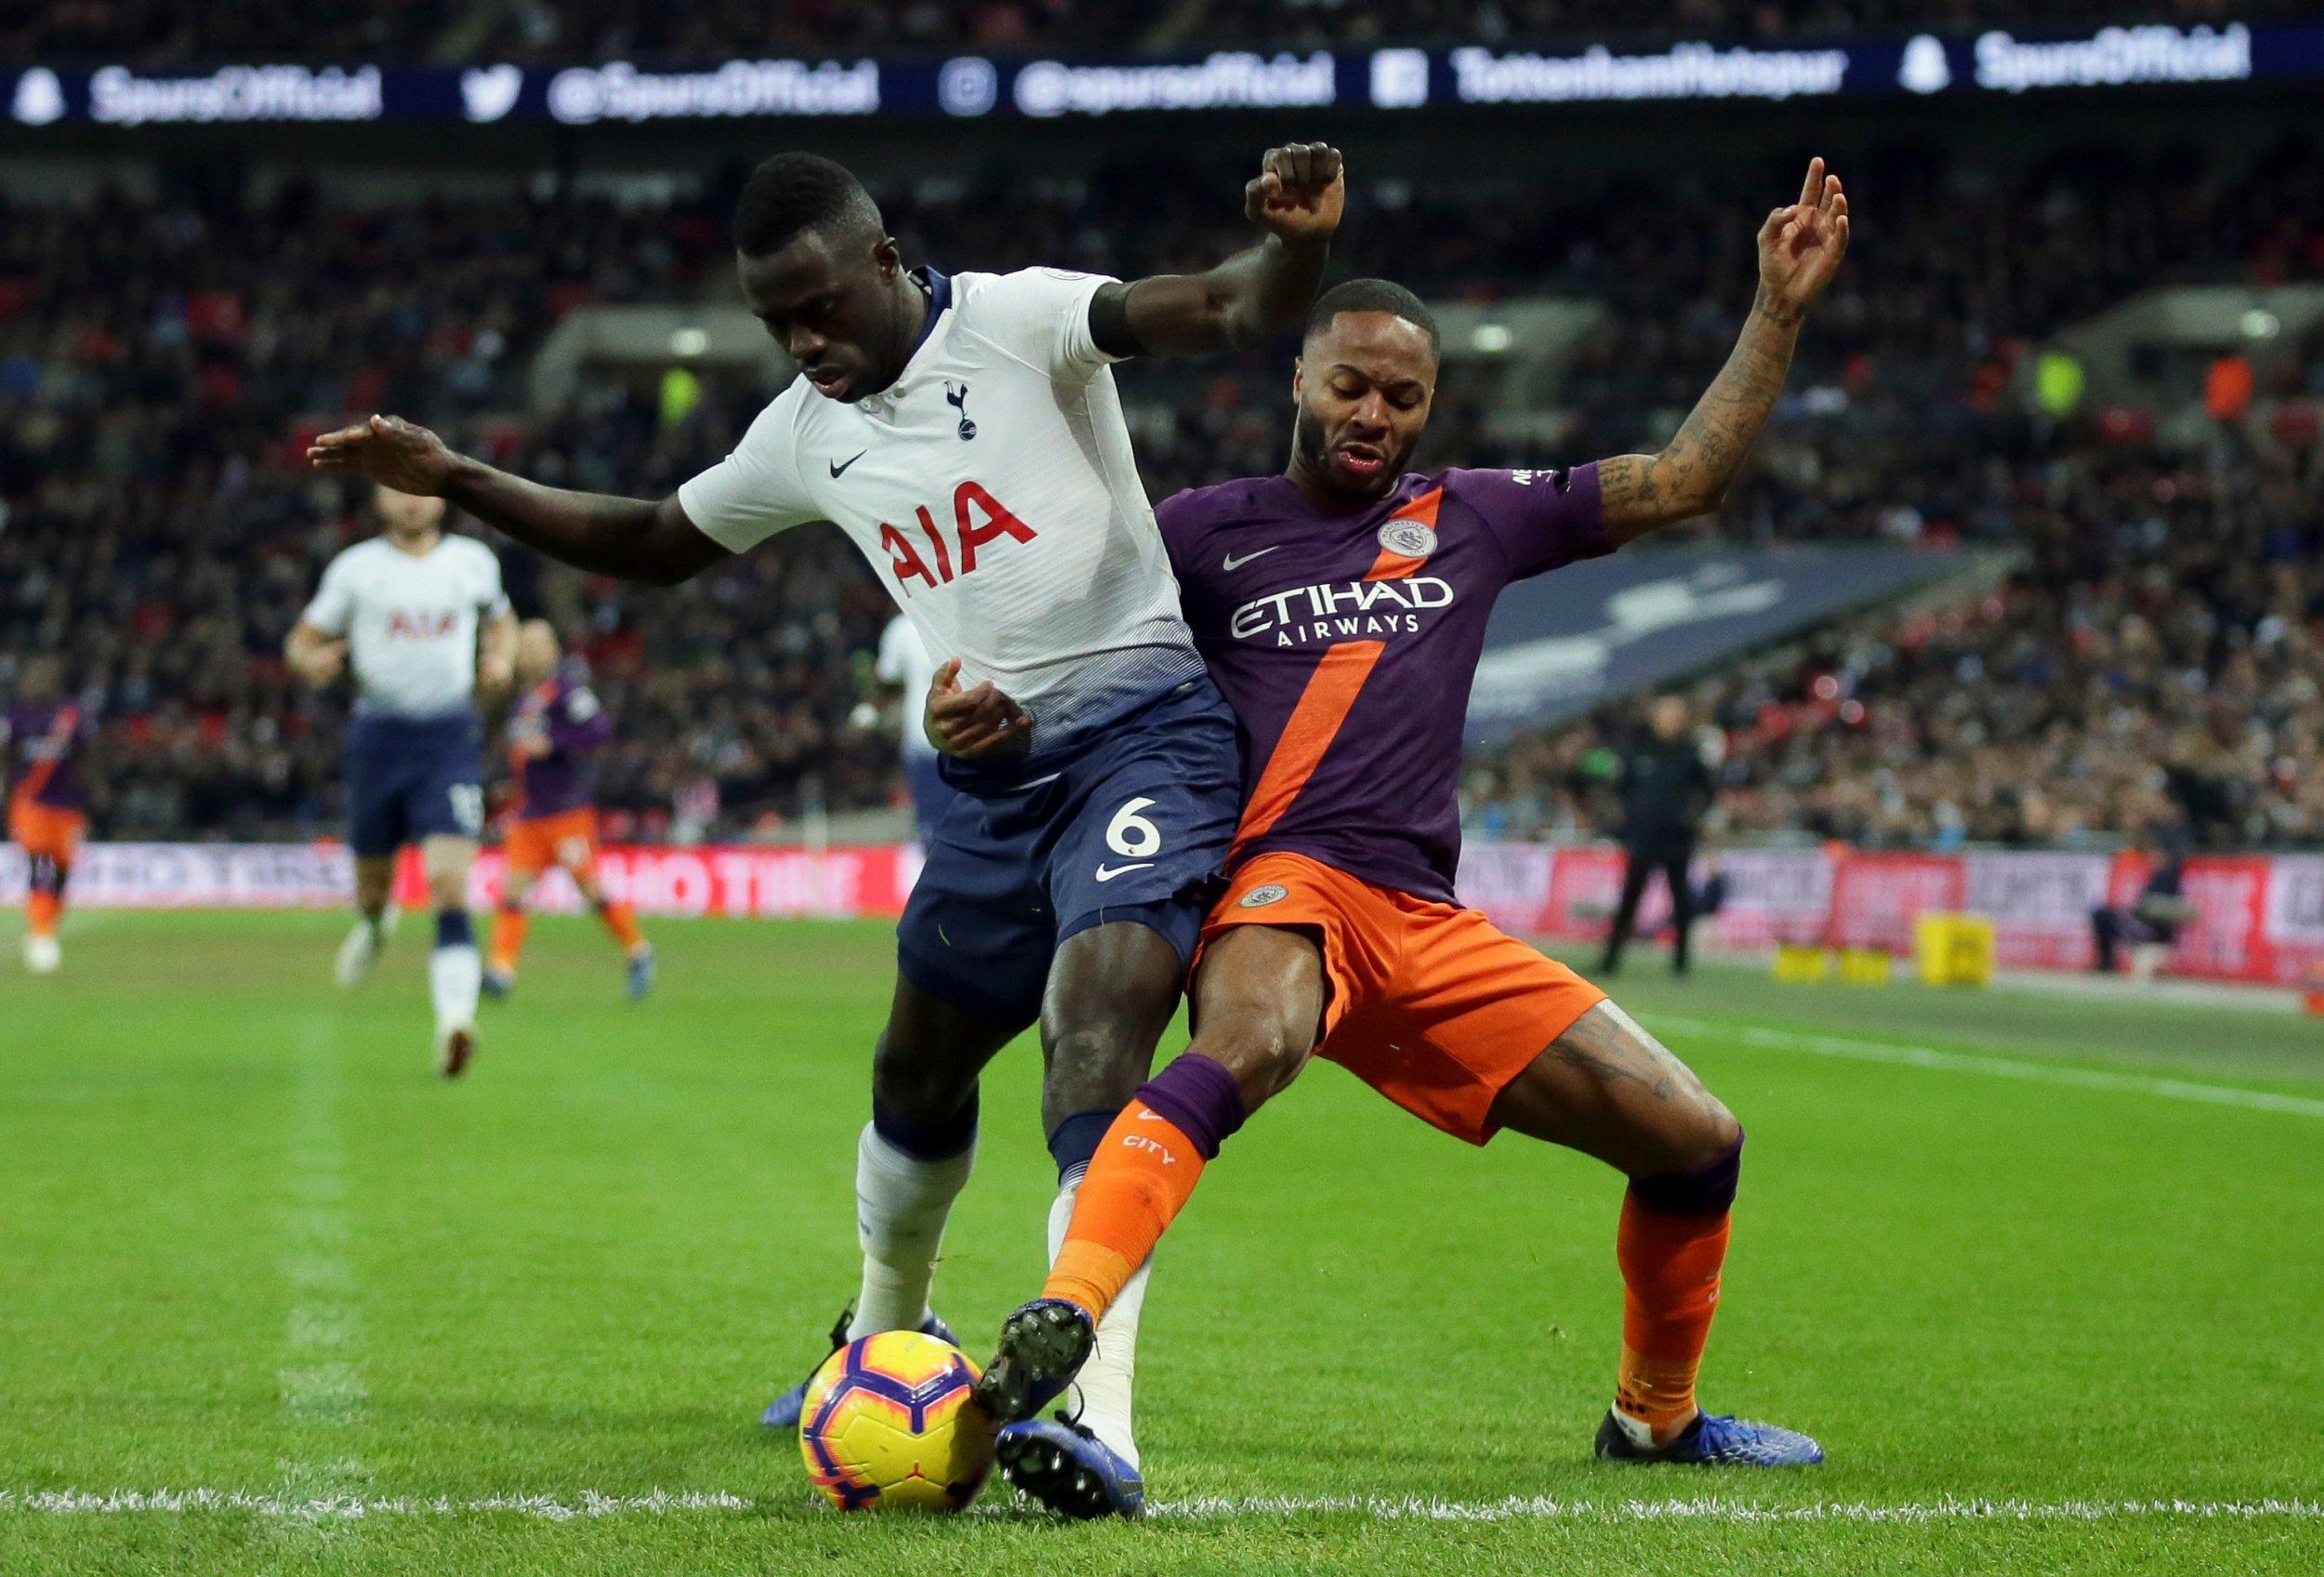 Speltips Tottenham - Manchester City